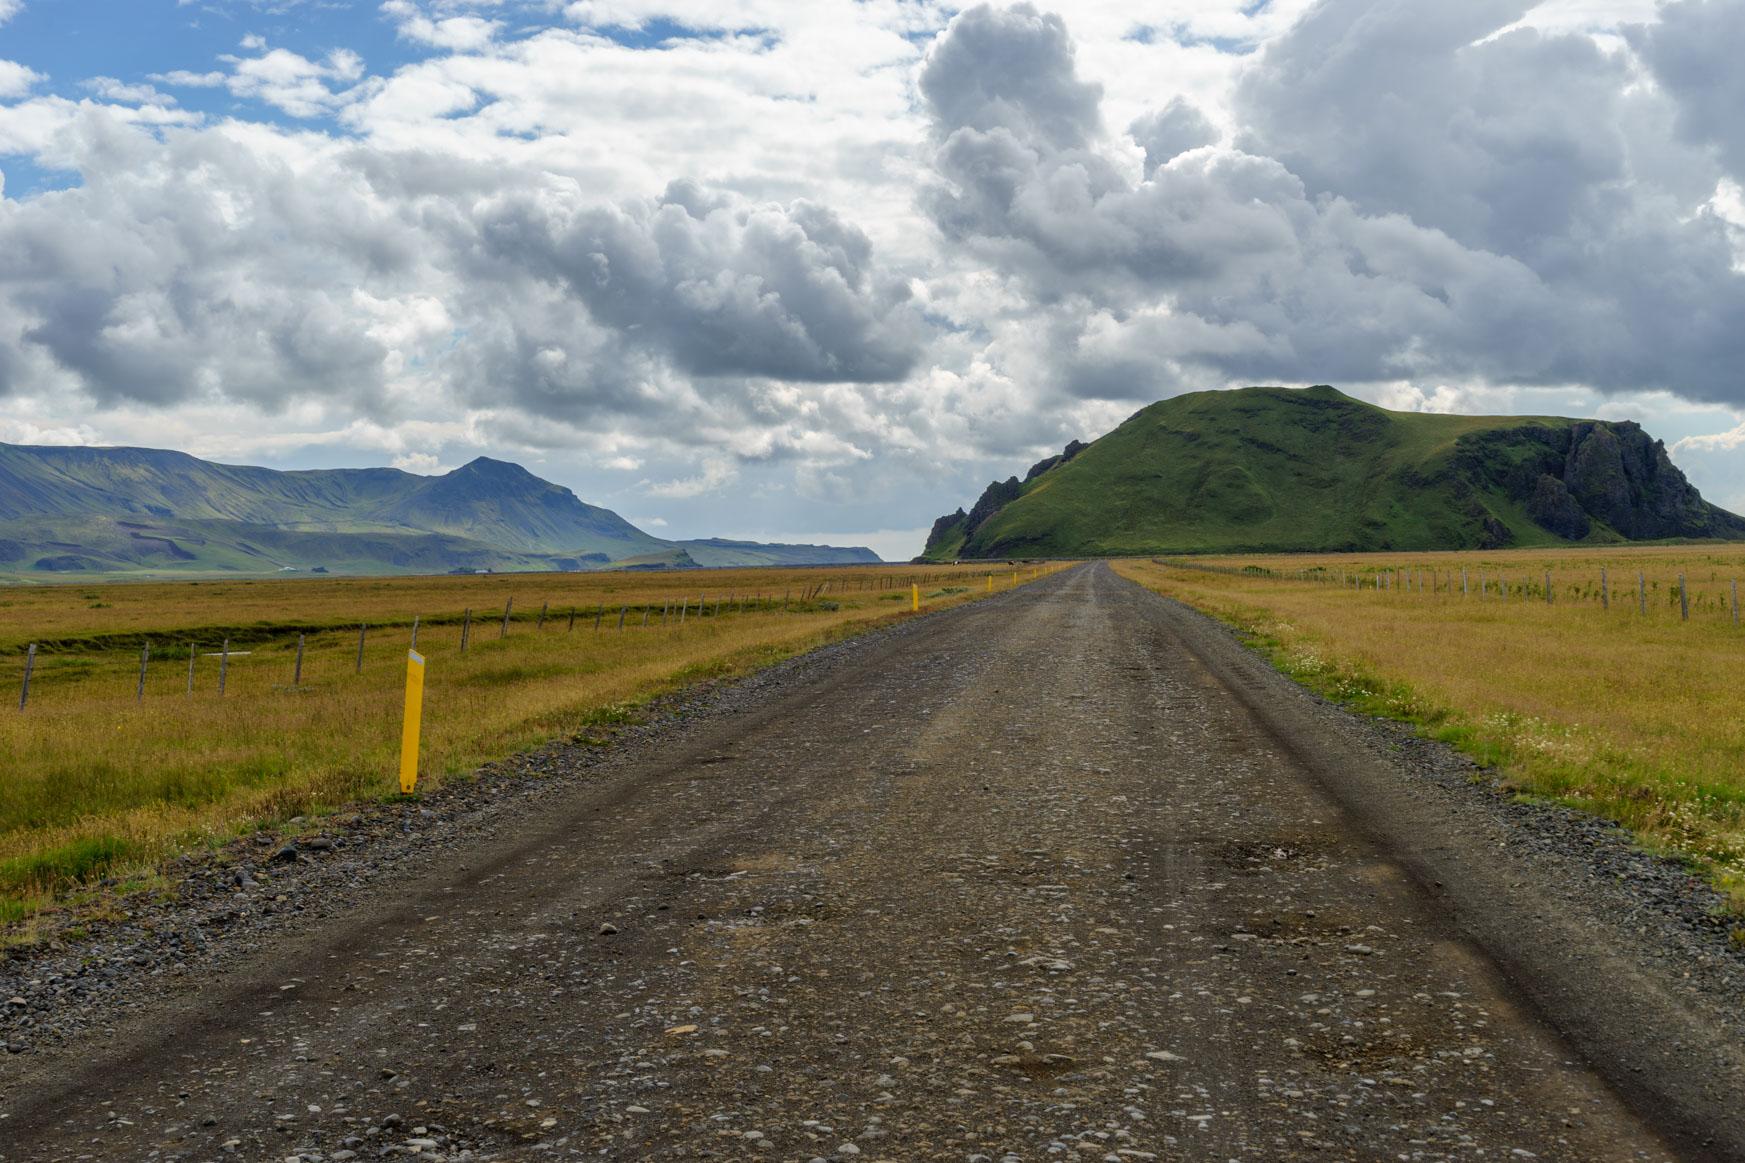 Am Fuße des Eyjafjallajökull